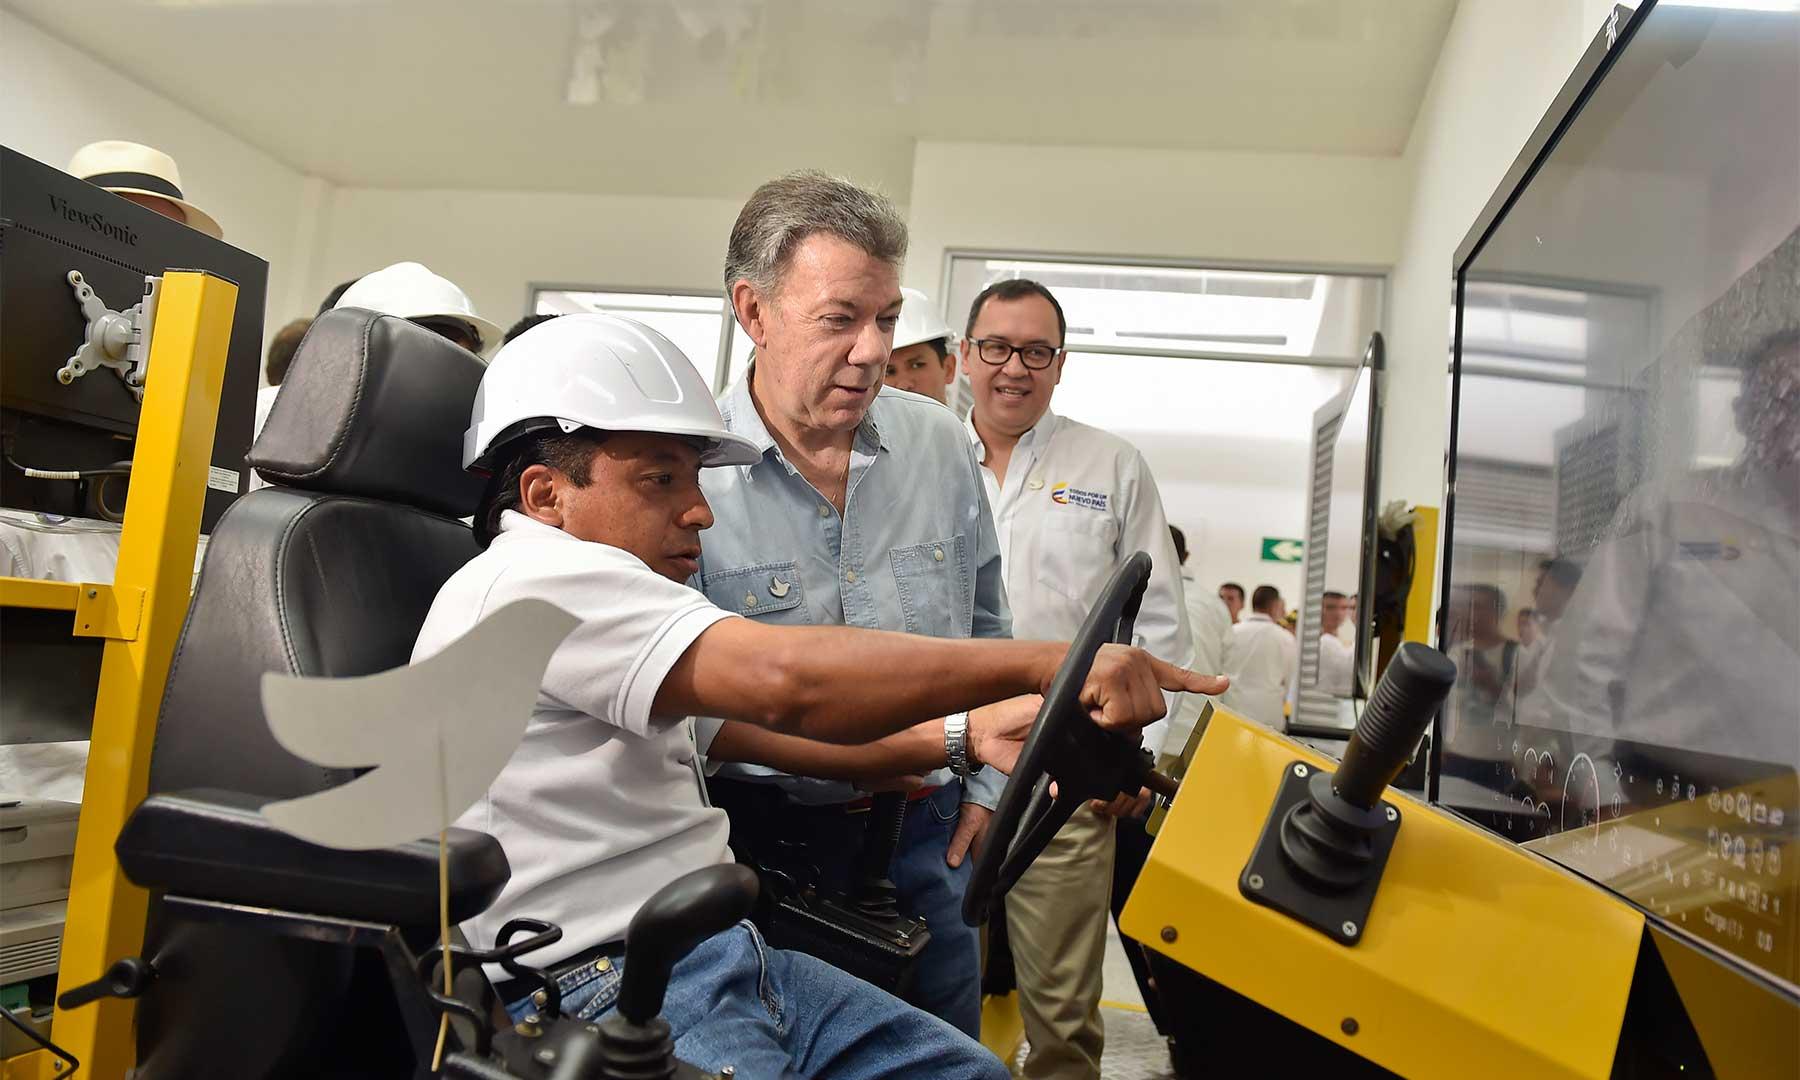 Visita del Presidente Juan Manuel Santos al Centro de Desarrollo Agroindustrial y Empresarial de Sena en Villeta, inaugurado este sábado y que abrió inscripciones hasta el 21 de febrero.